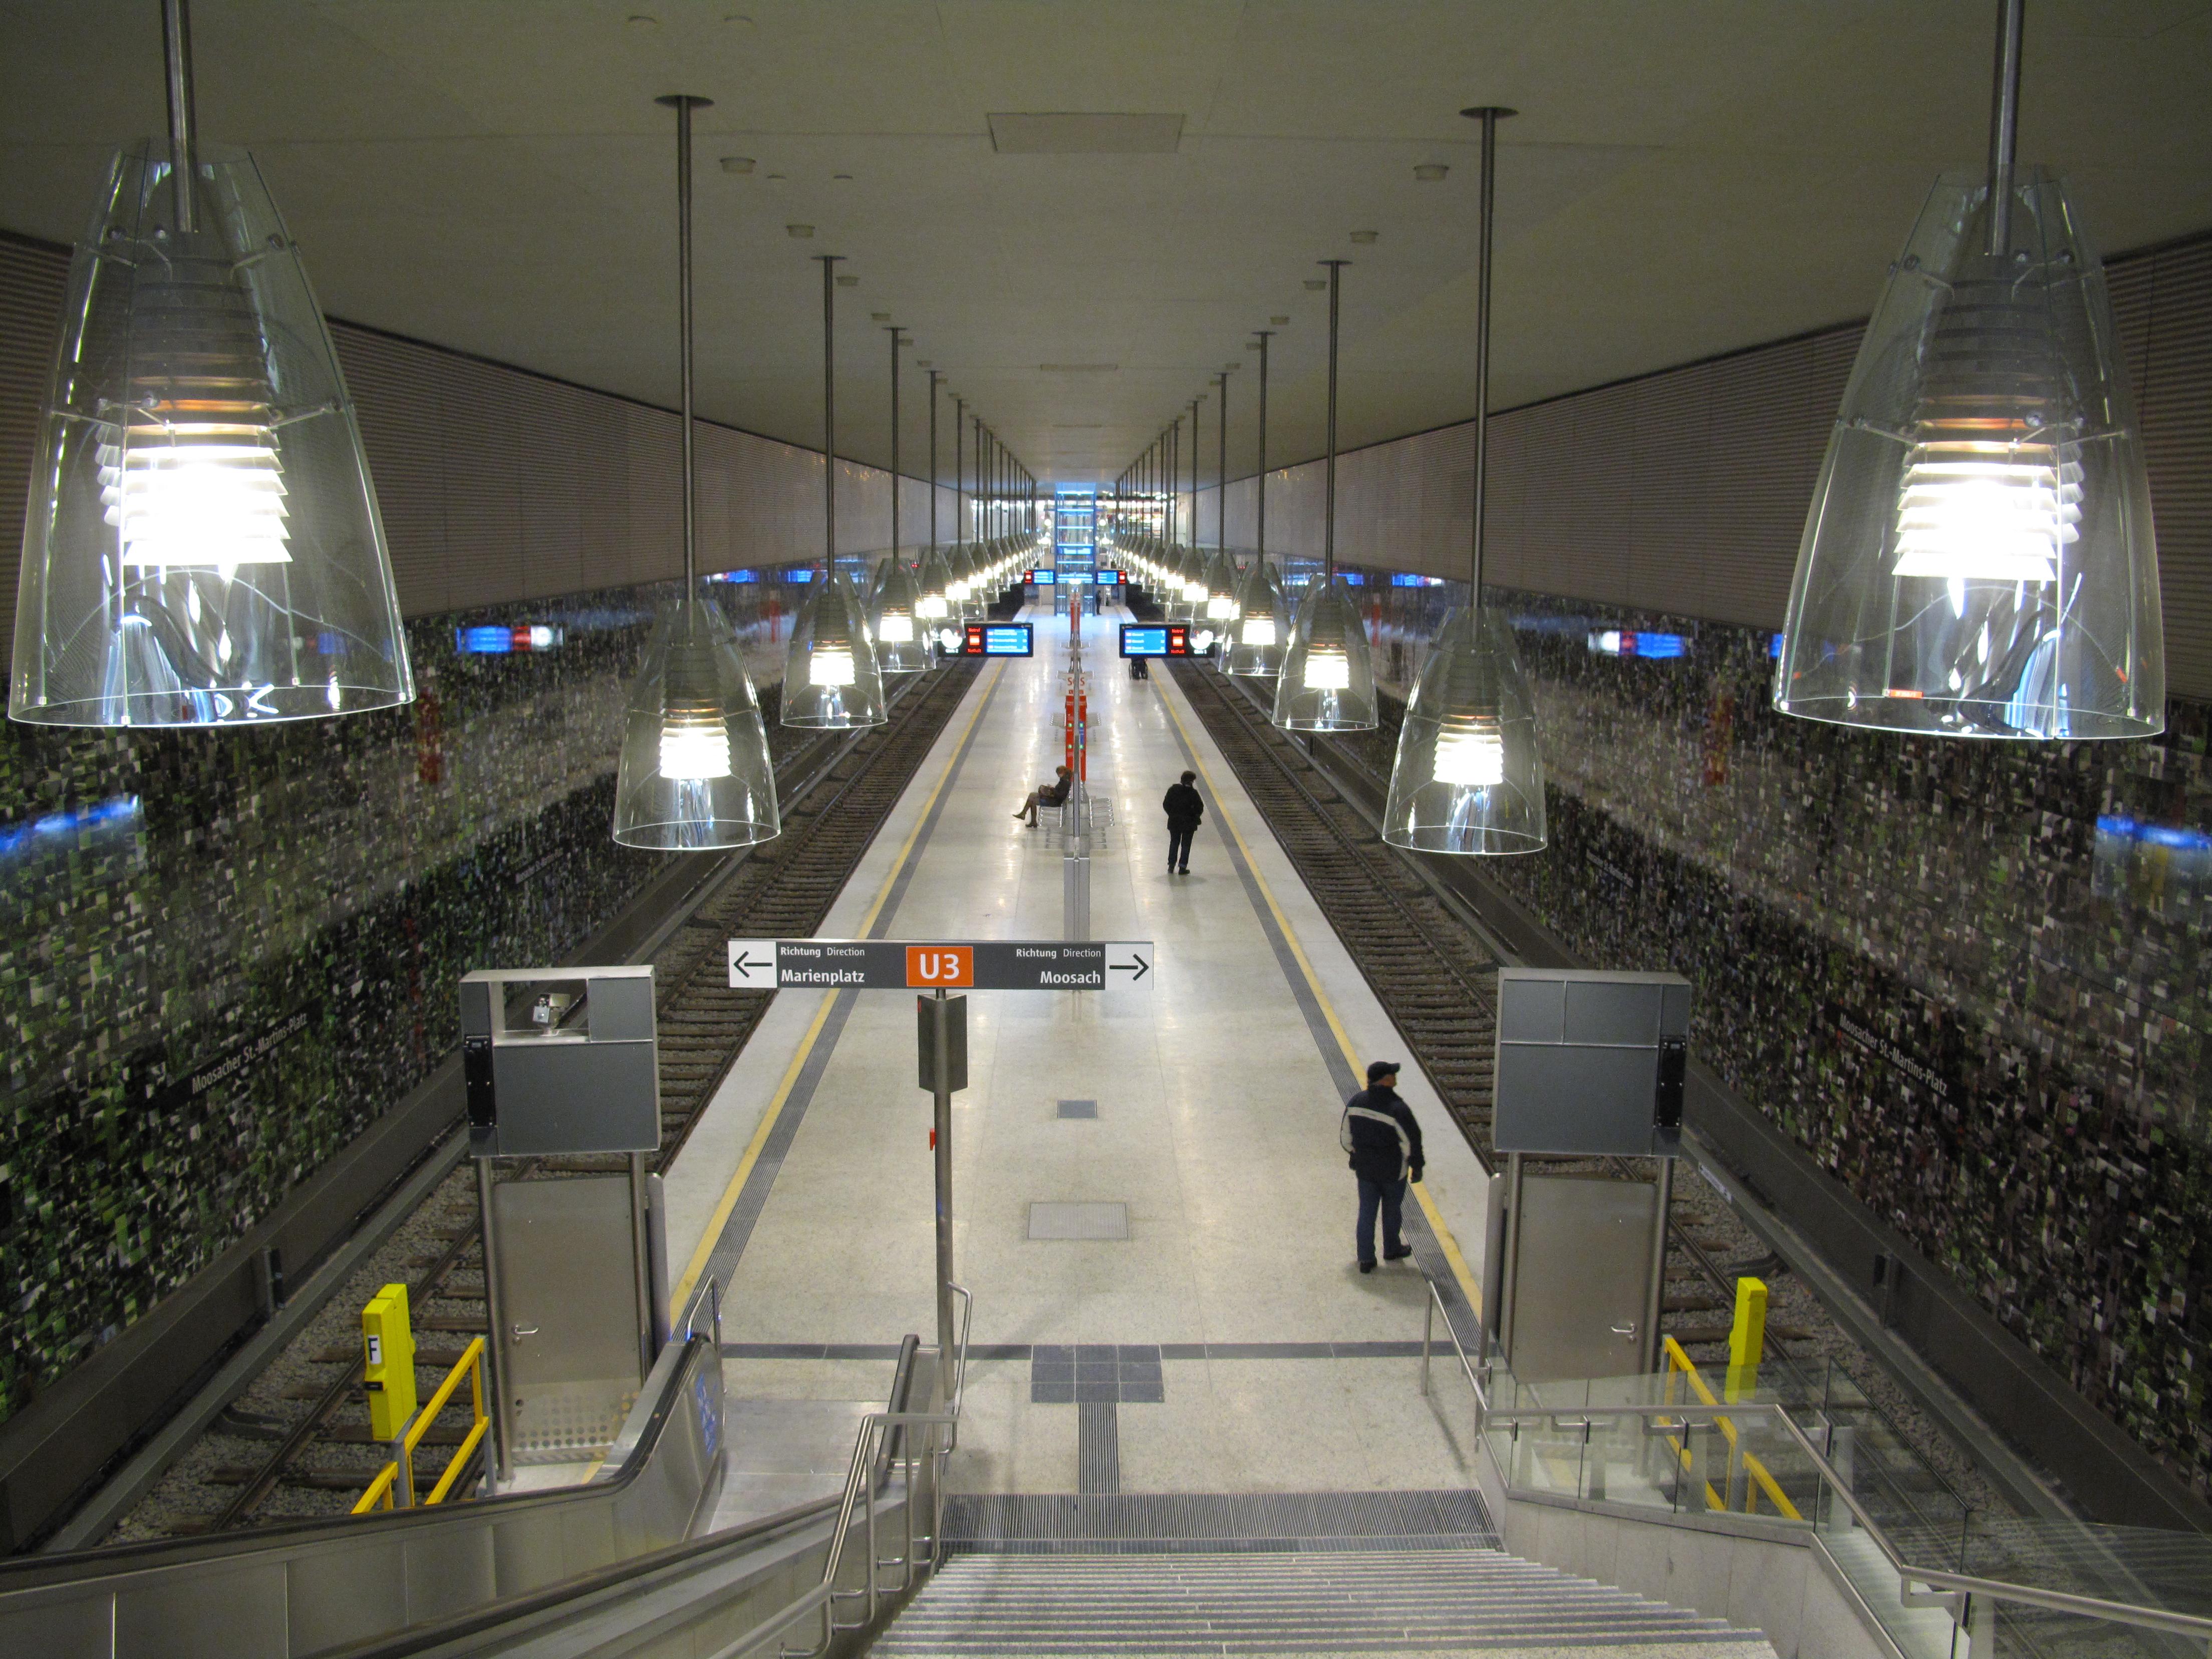 München U3 Martinsplatz